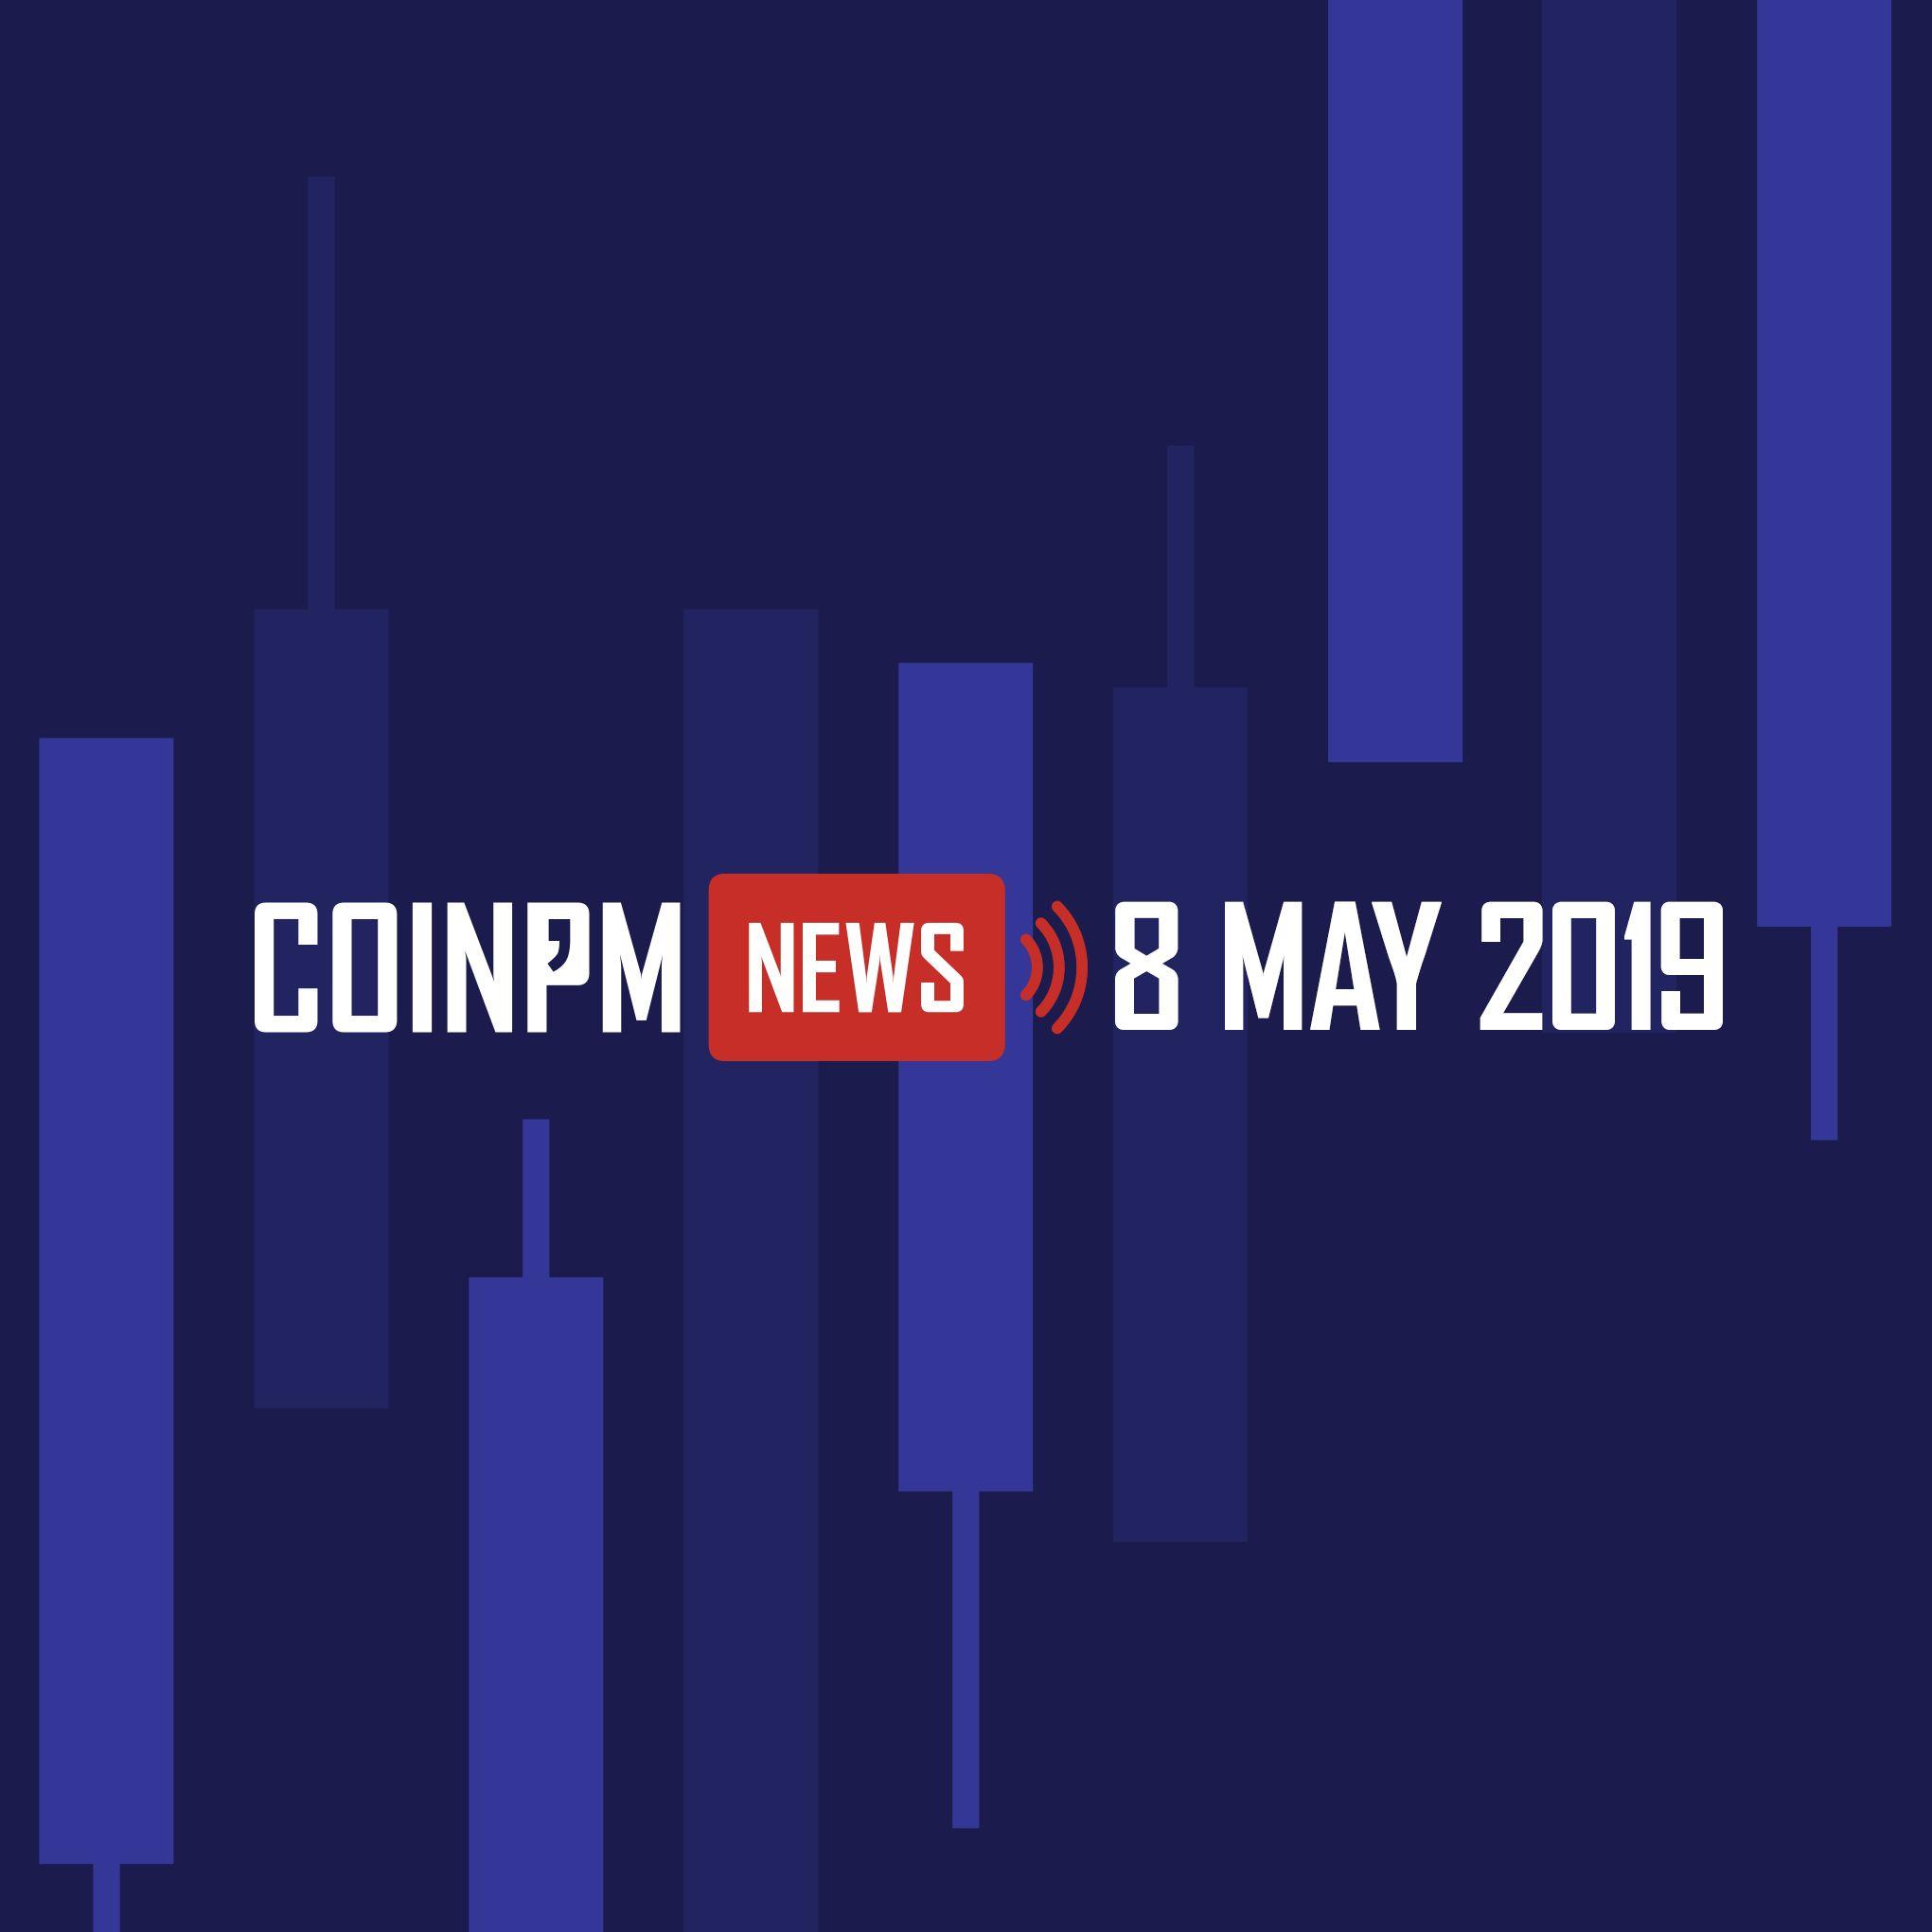 8th May 2019